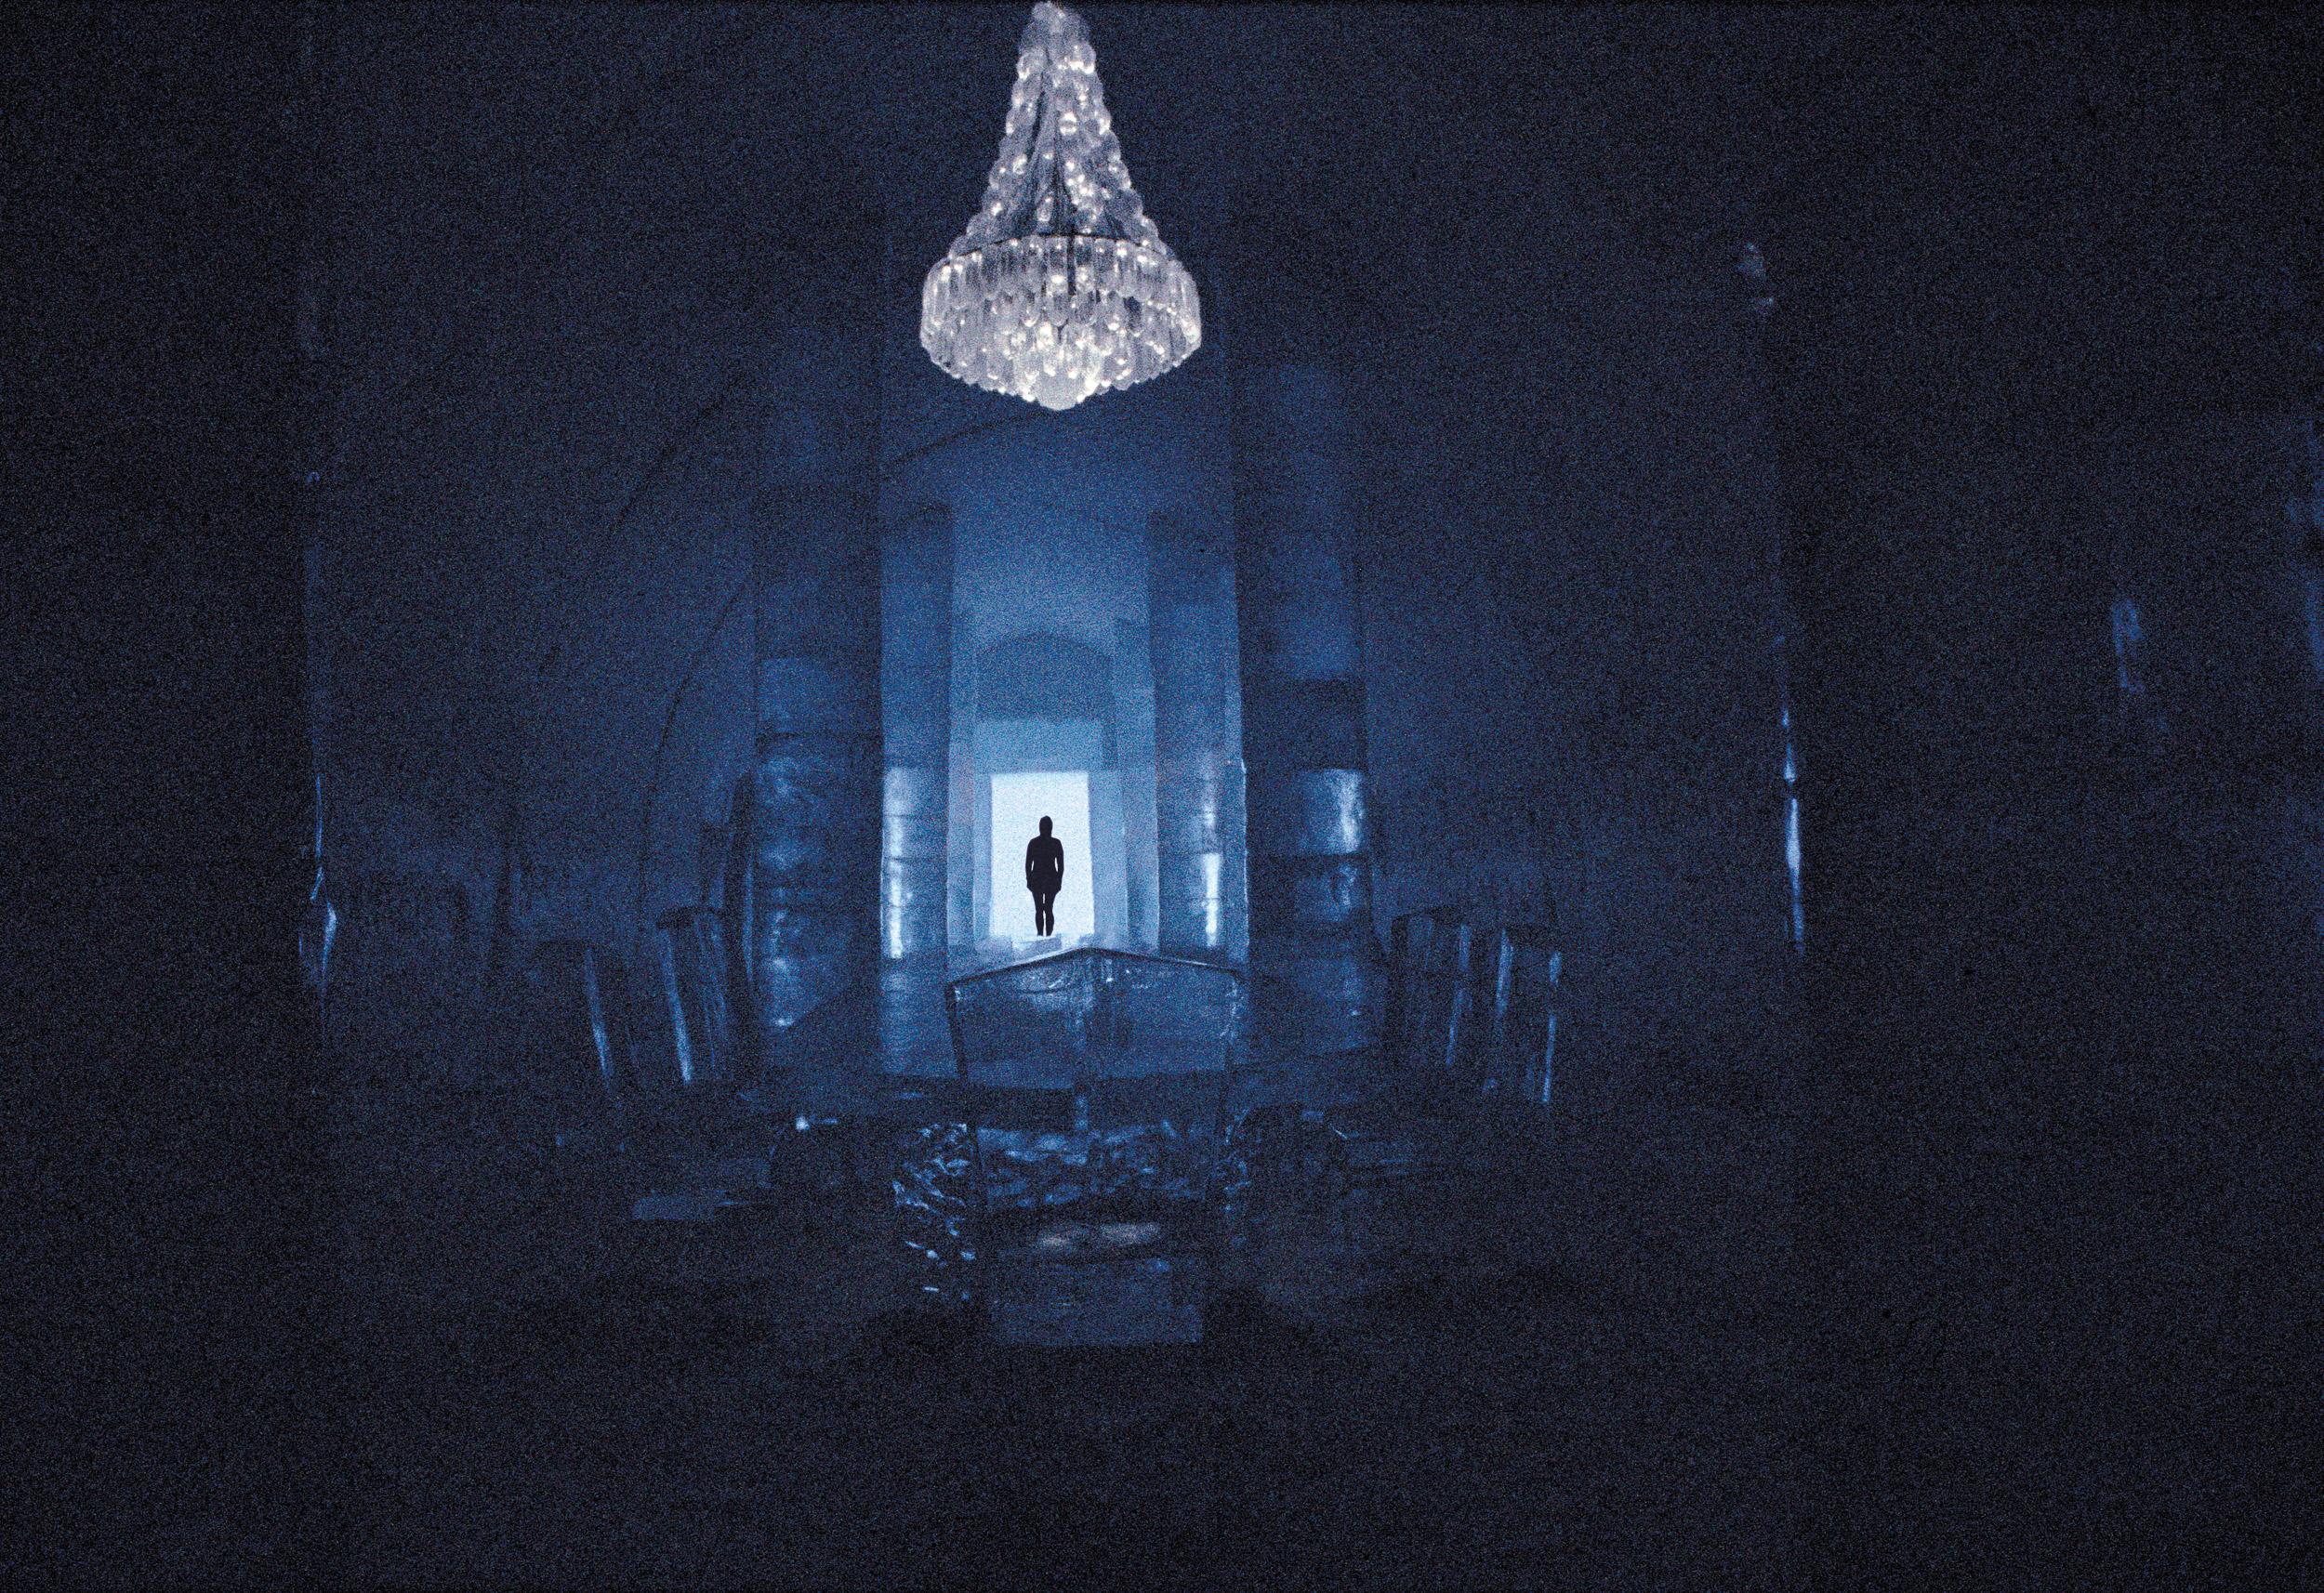 diningroom-figure.jpg